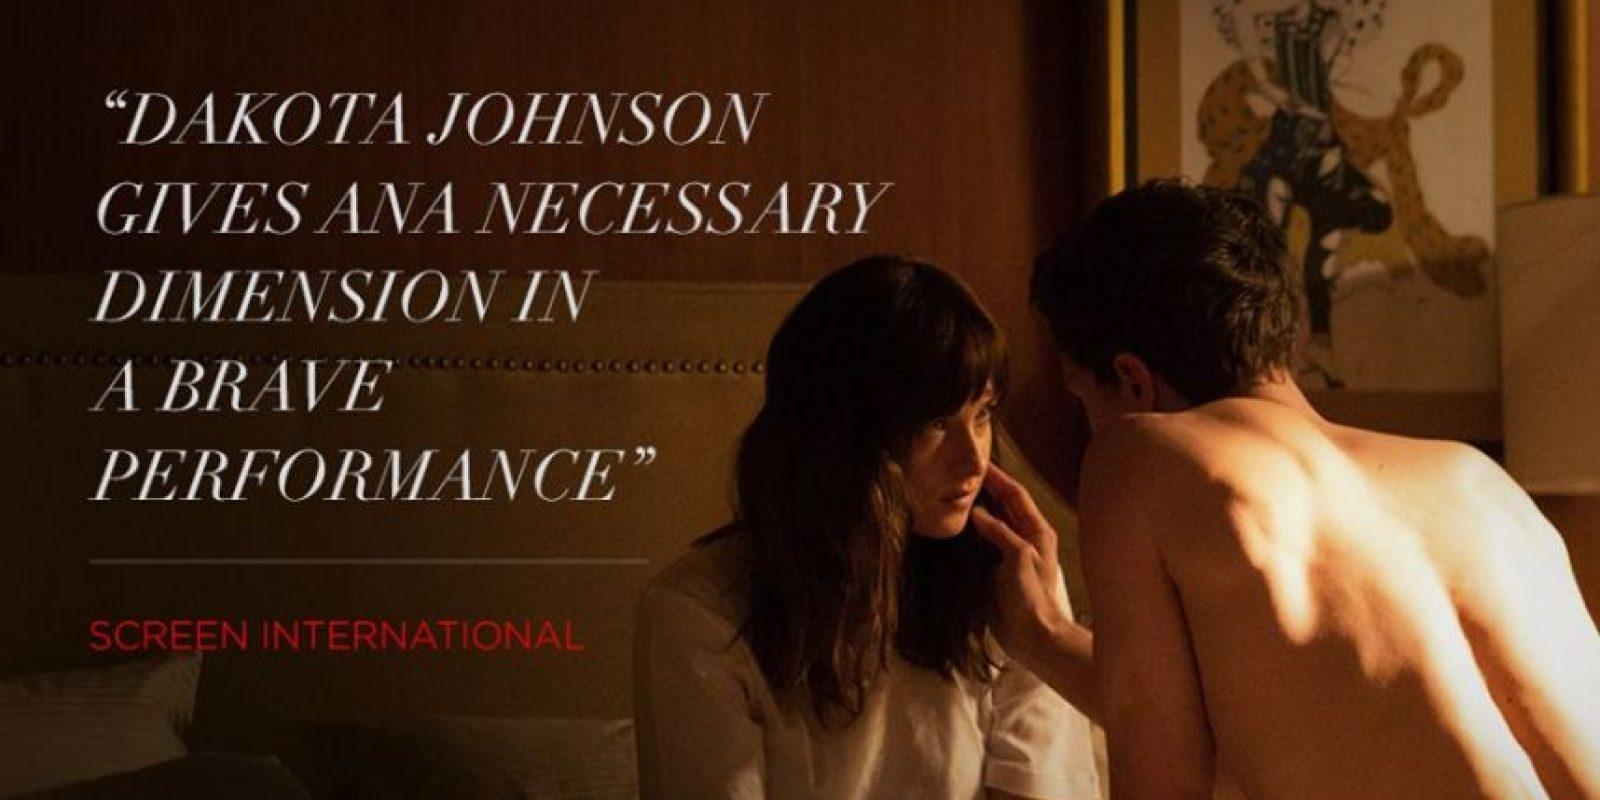 Es eternamente fascinada, en su sexualidad, por Christian Grey, sin tener opiniones propias ni deseos profundos. Está obnubilada y opacada por él. Foto:Facebook/FiftyShadesofGrey